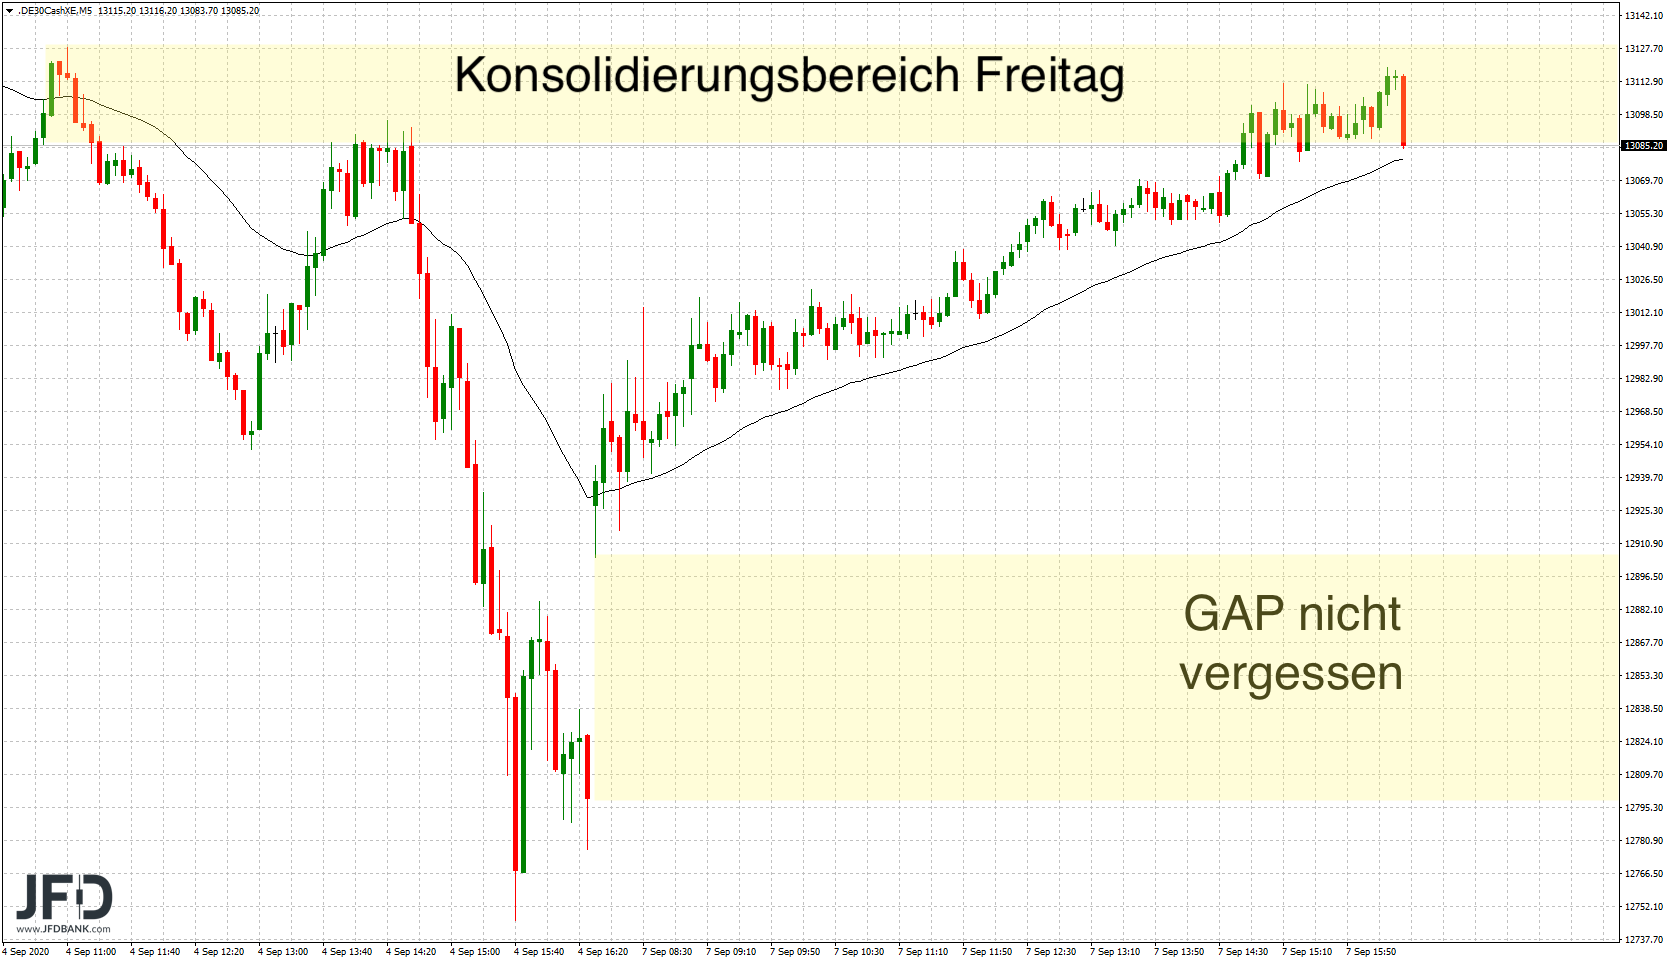 DAX-ohne-Wall-Street-entfesselt-Kommentar-JFD-Bank-GodmodeTrader.de-3